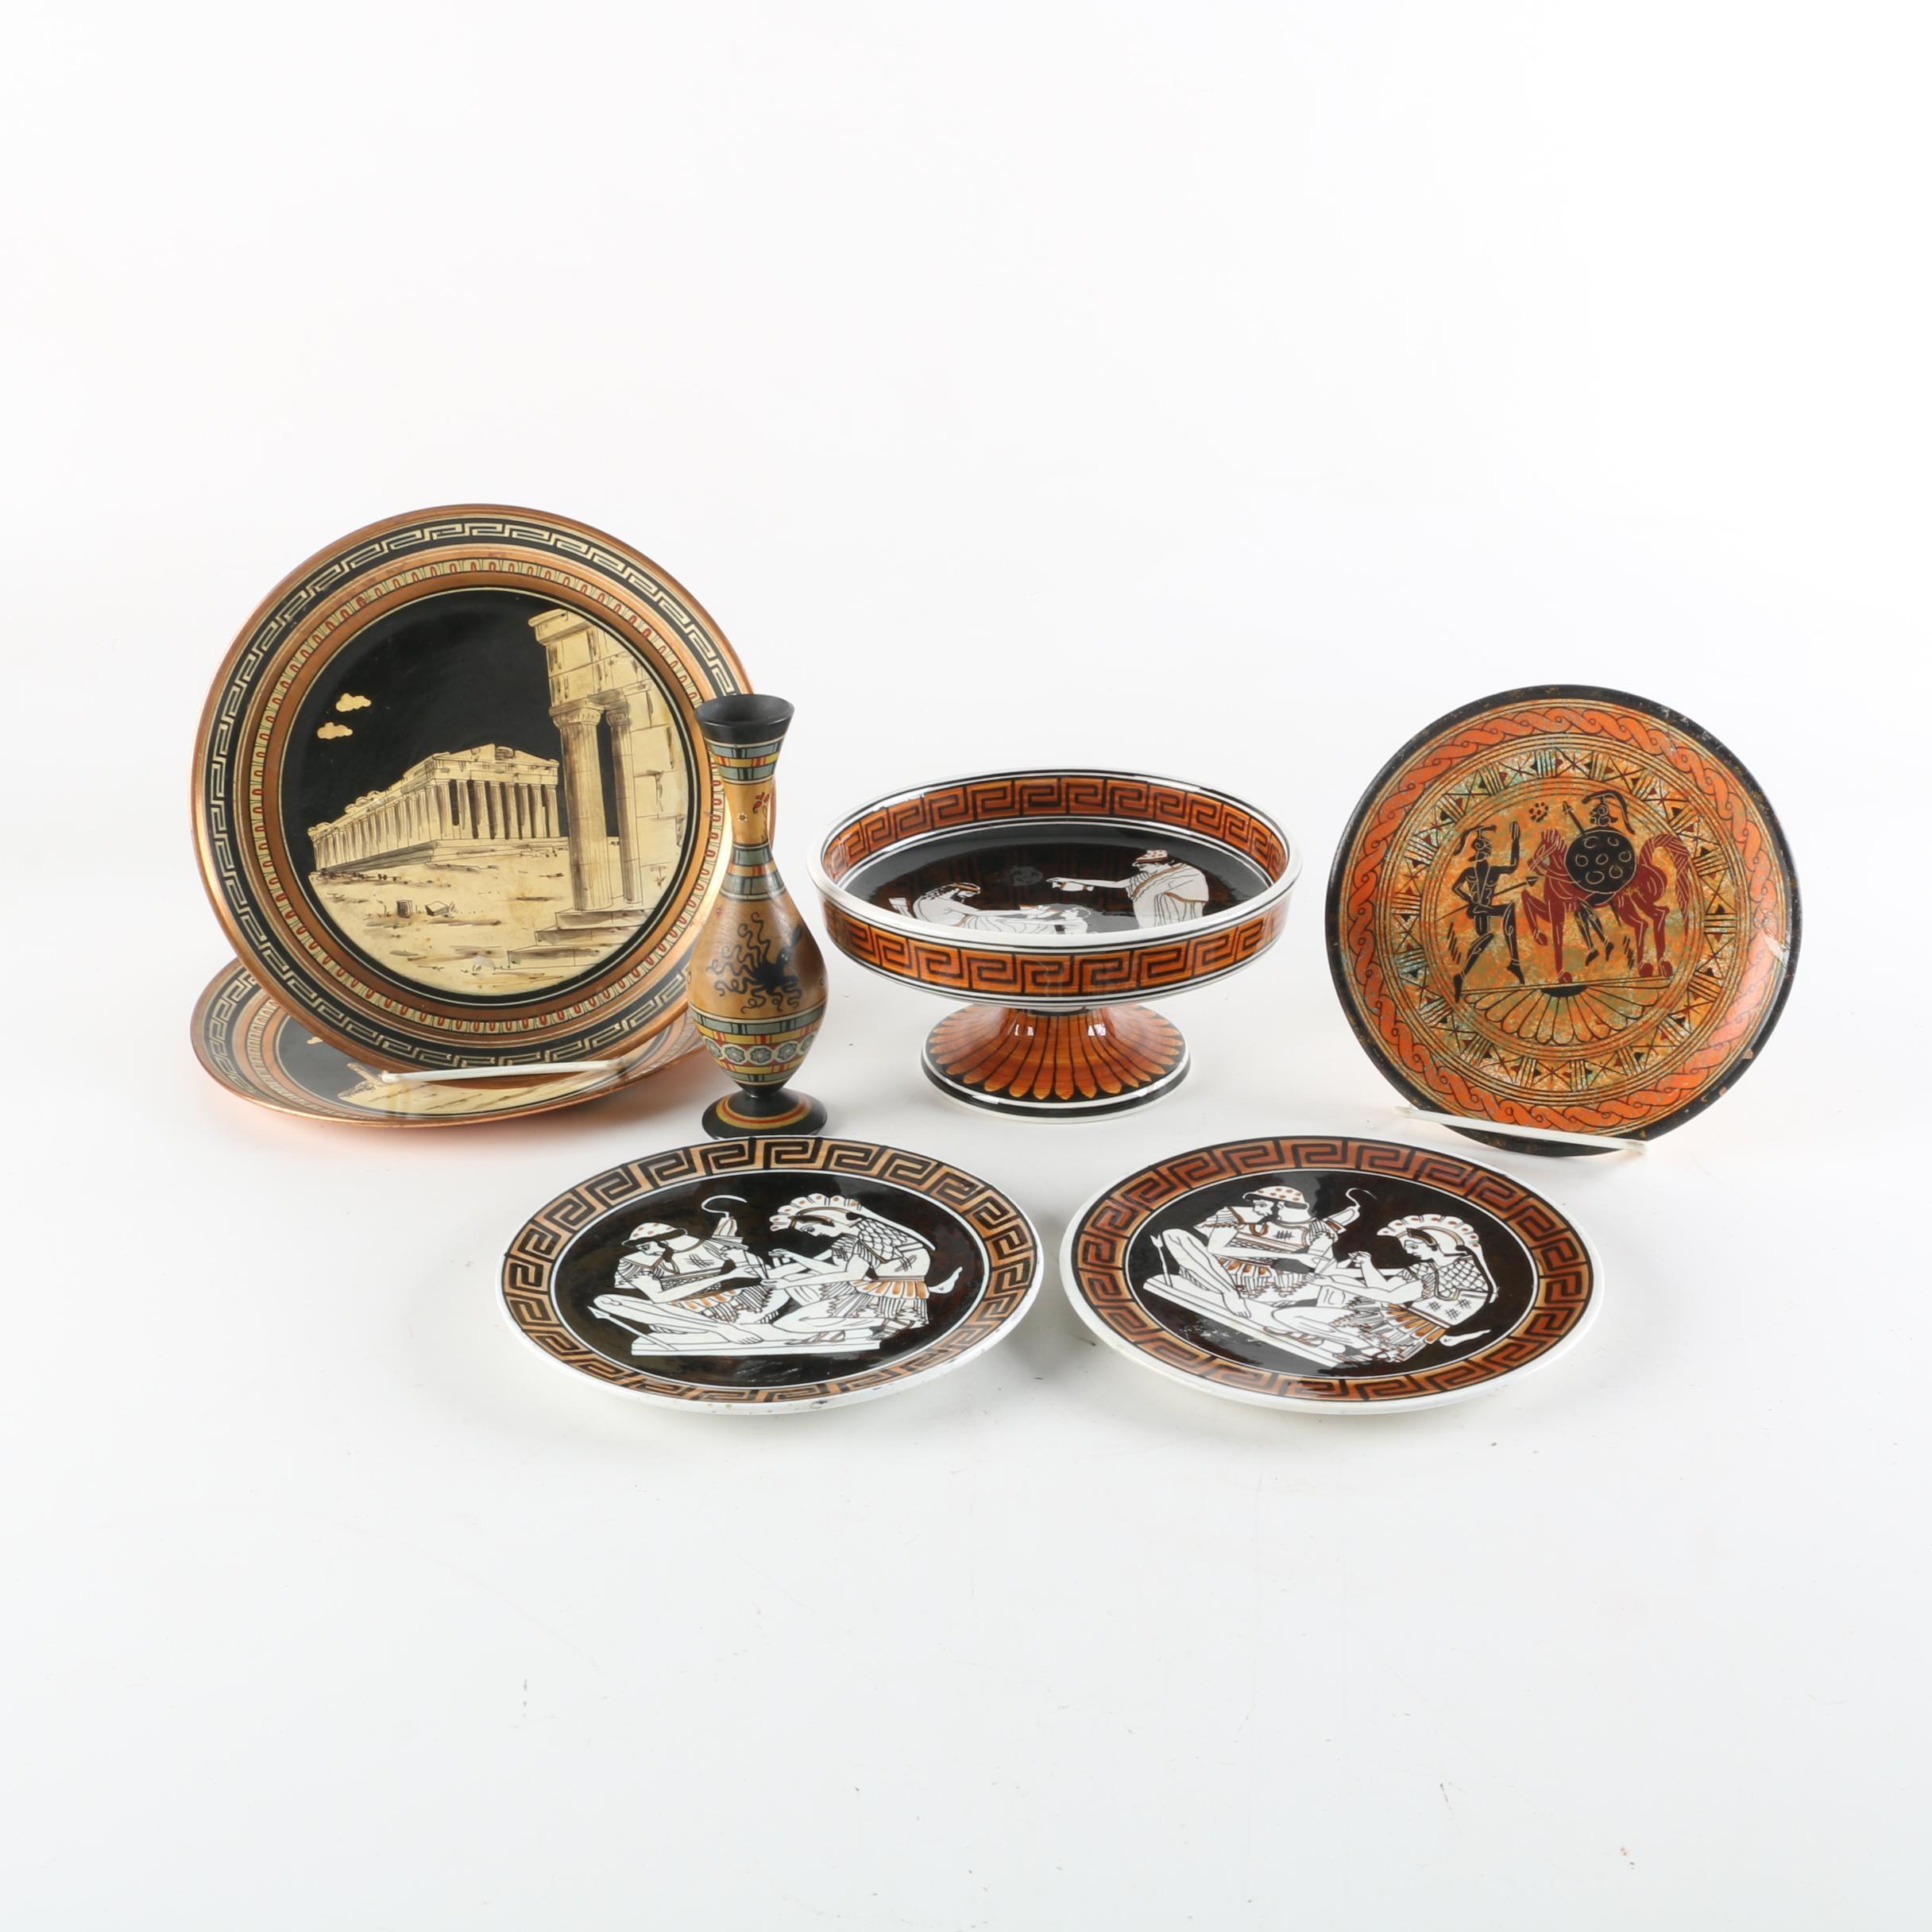 Decorative Grecian Ceramic and Copper Tableware